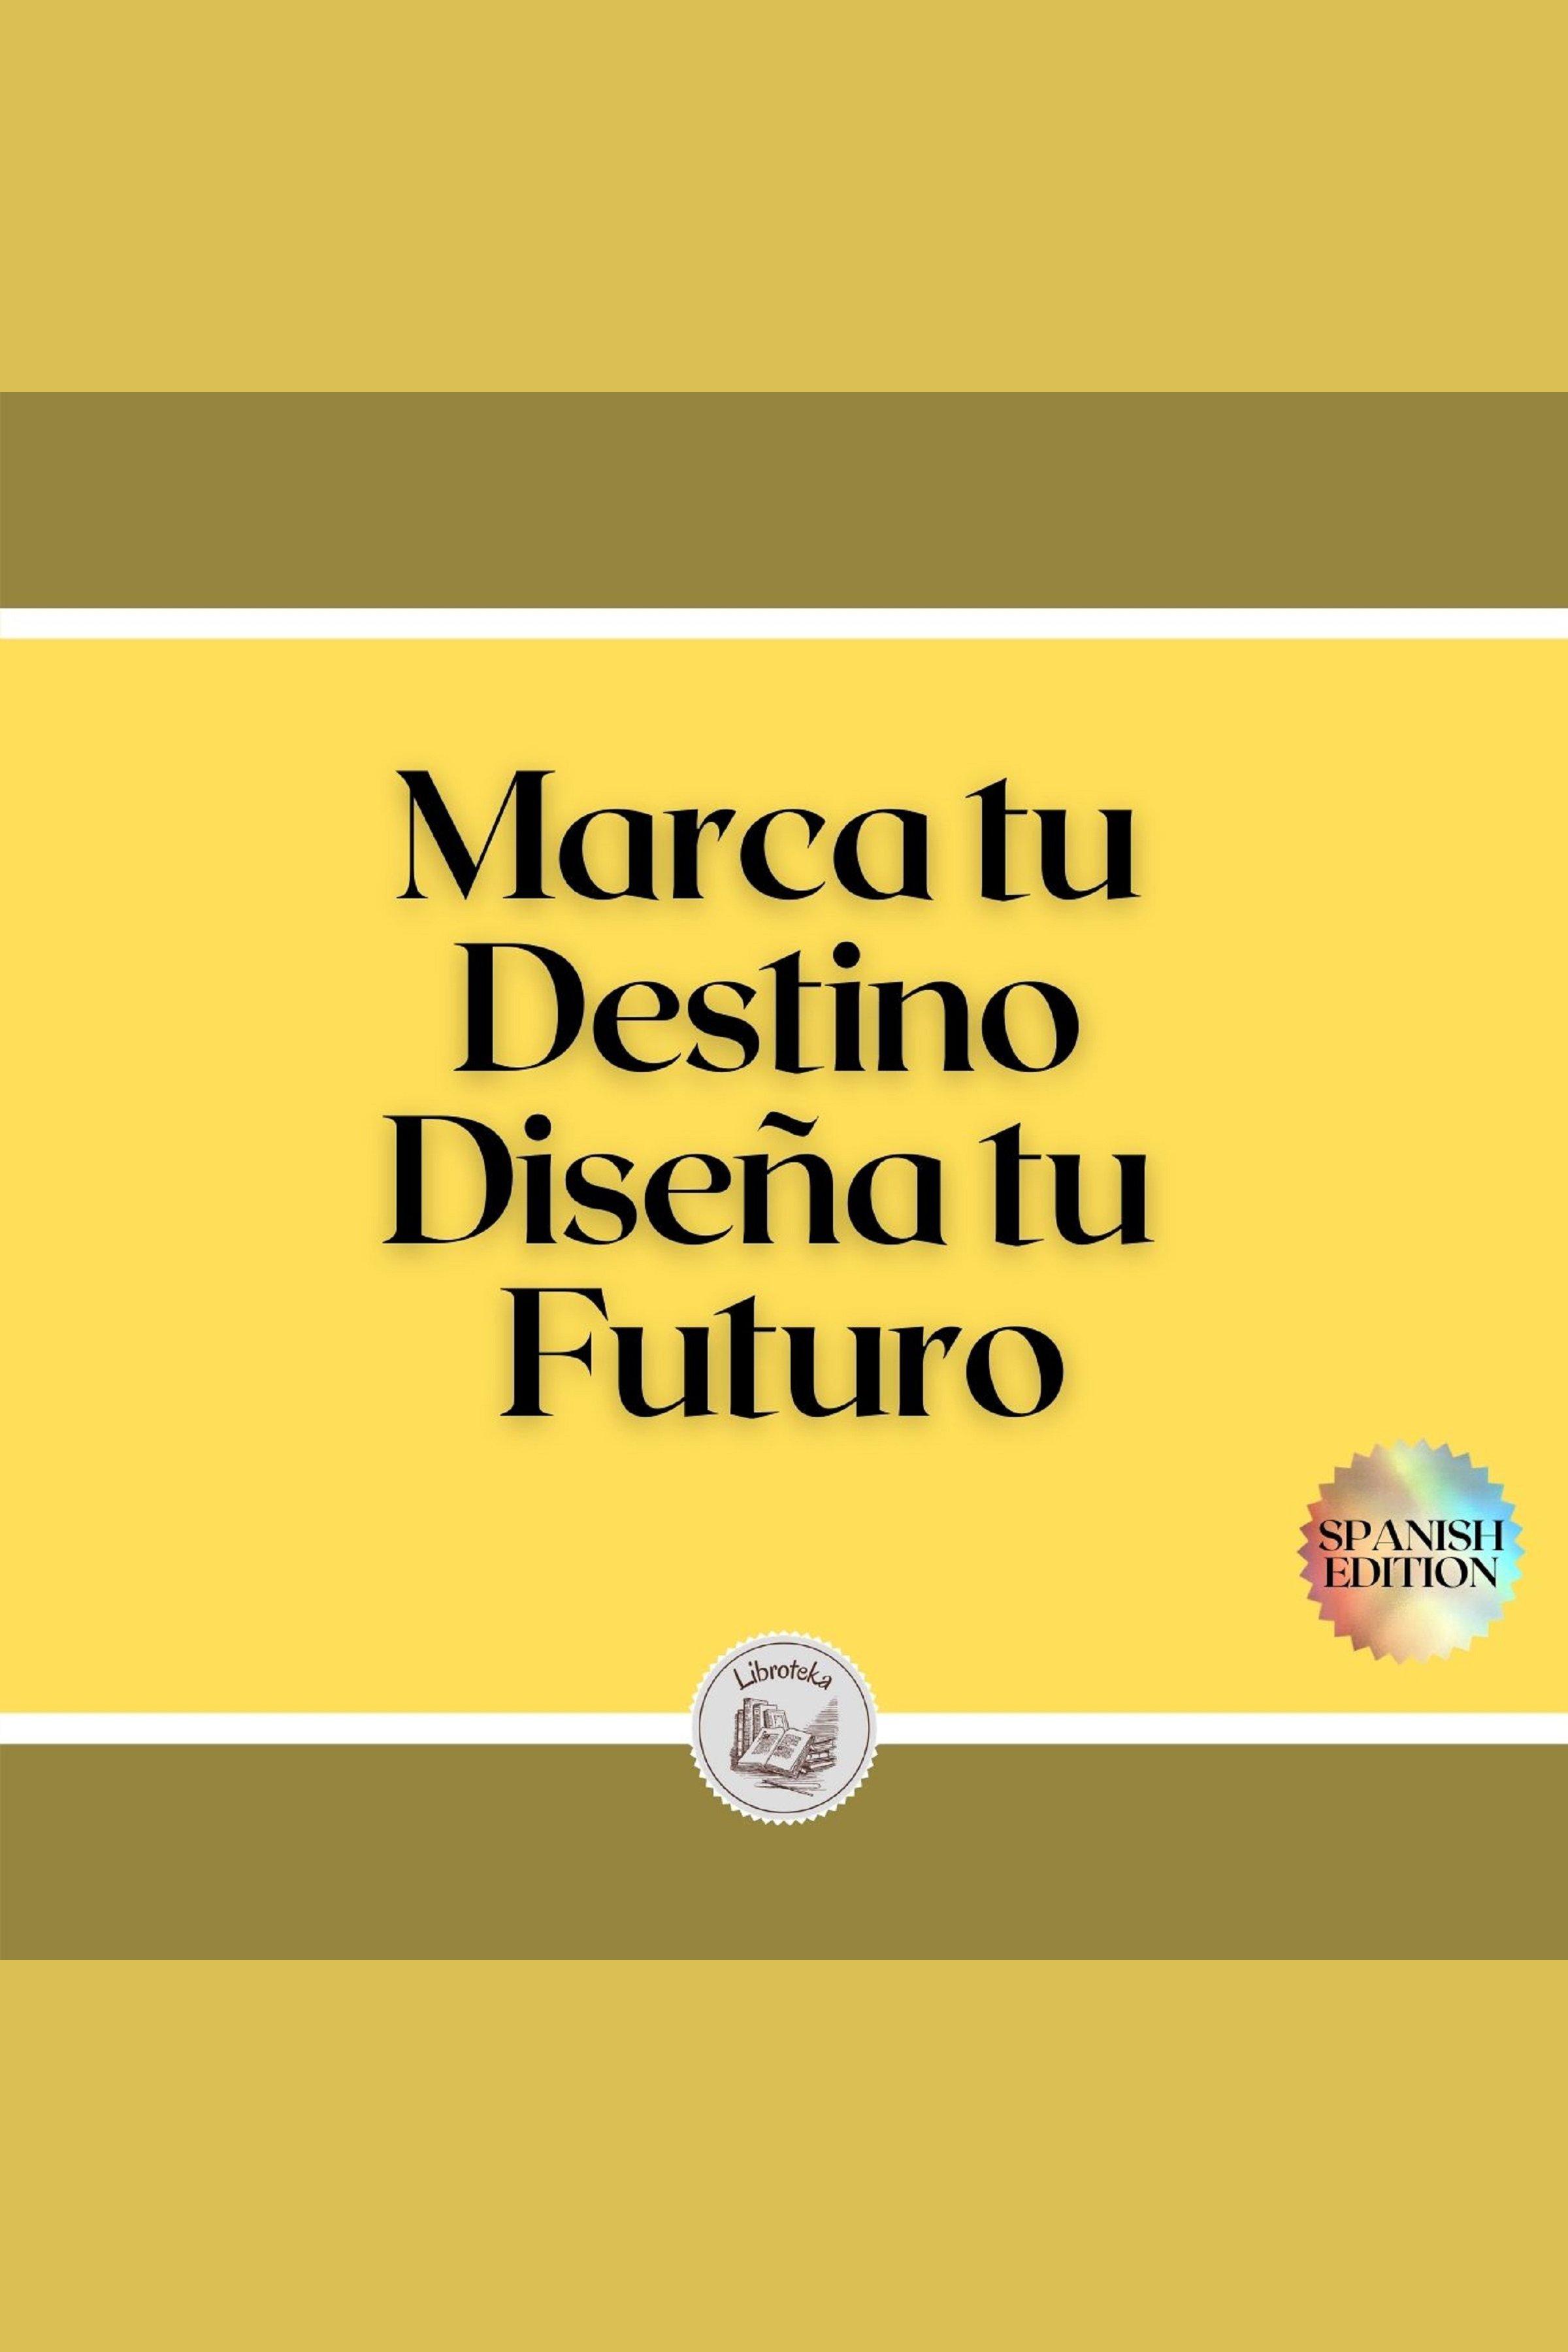 Esta es la portada del audiolibro Marca tu Destino: Diseña tu Futuro